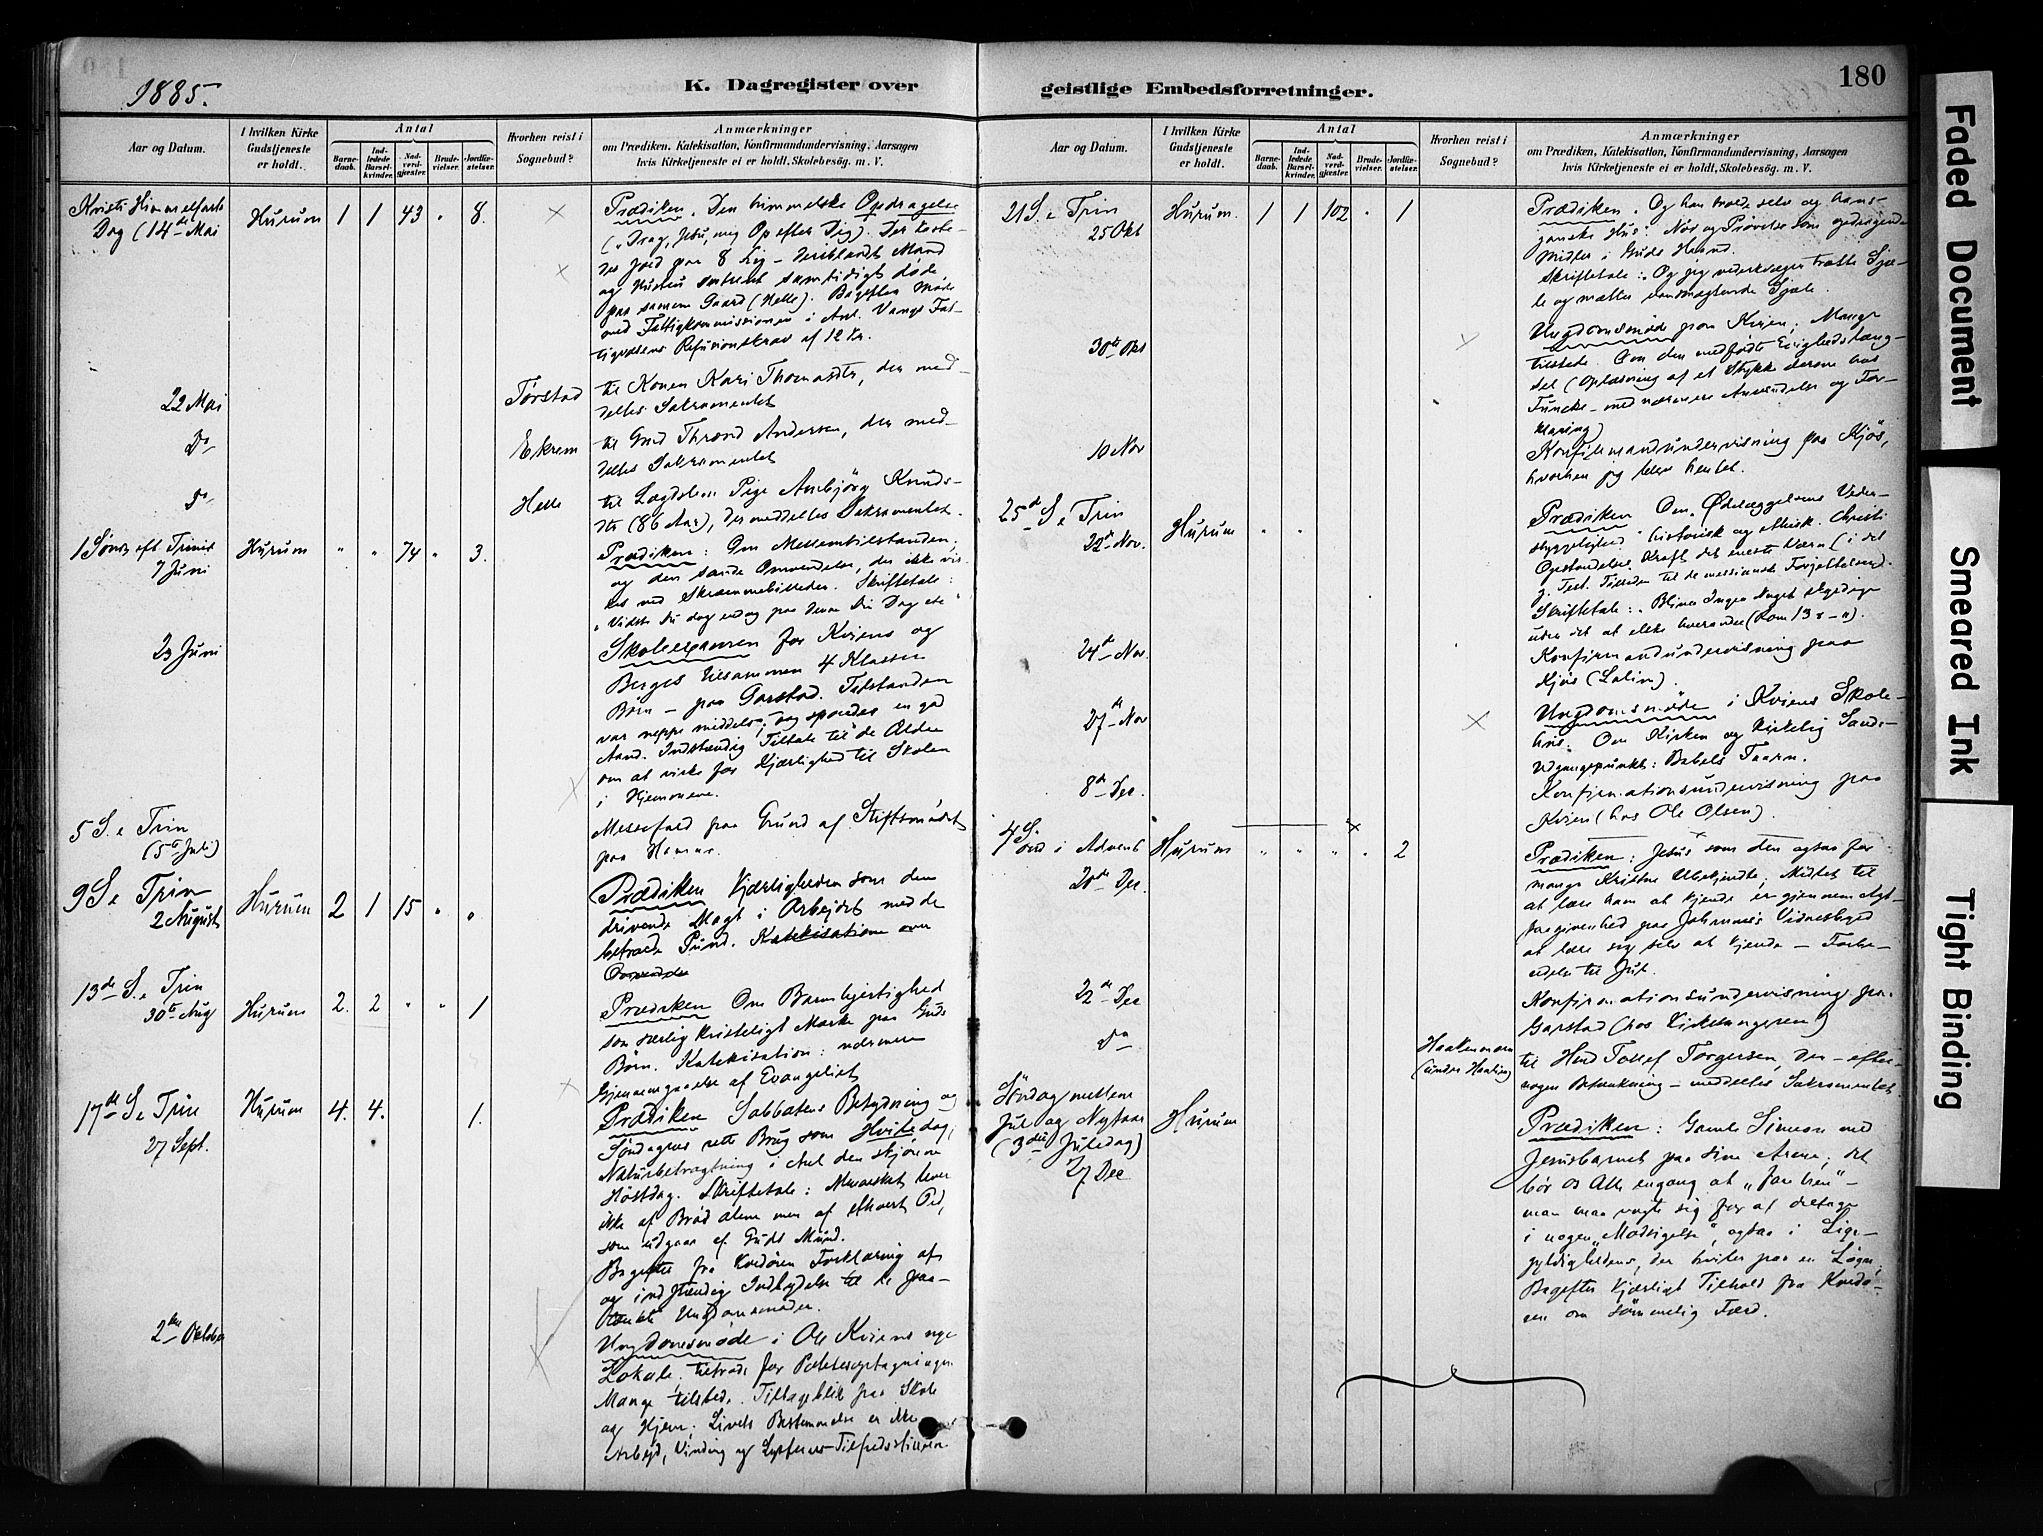 SAH, Vang prestekontor, Valdres, Ministerialbok nr. 9, 1882-1914, s. 180